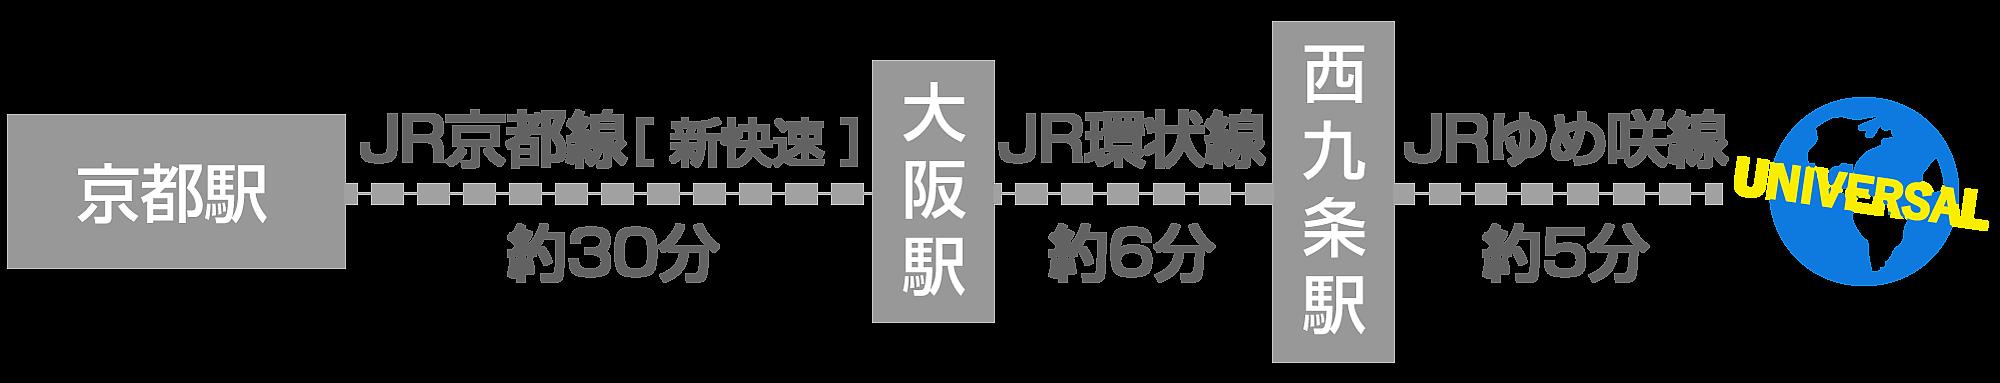 京都から電車でUSJ